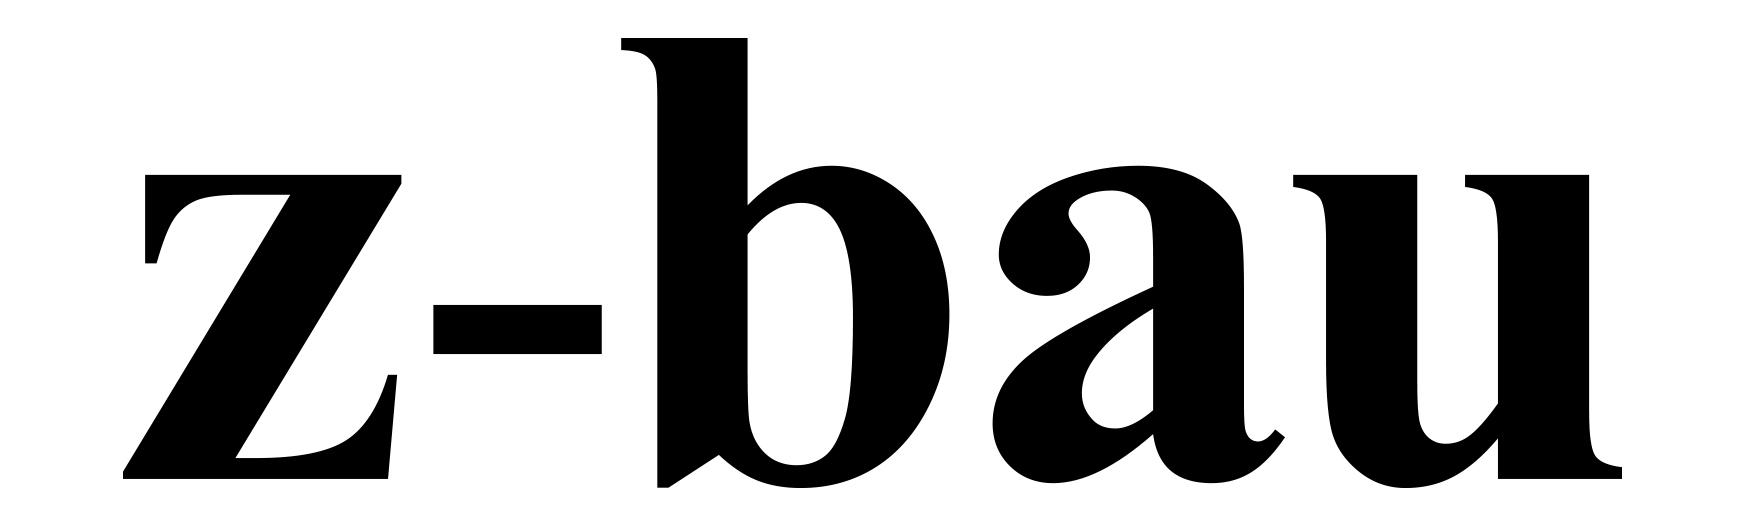 zbau_logobasic.jpg